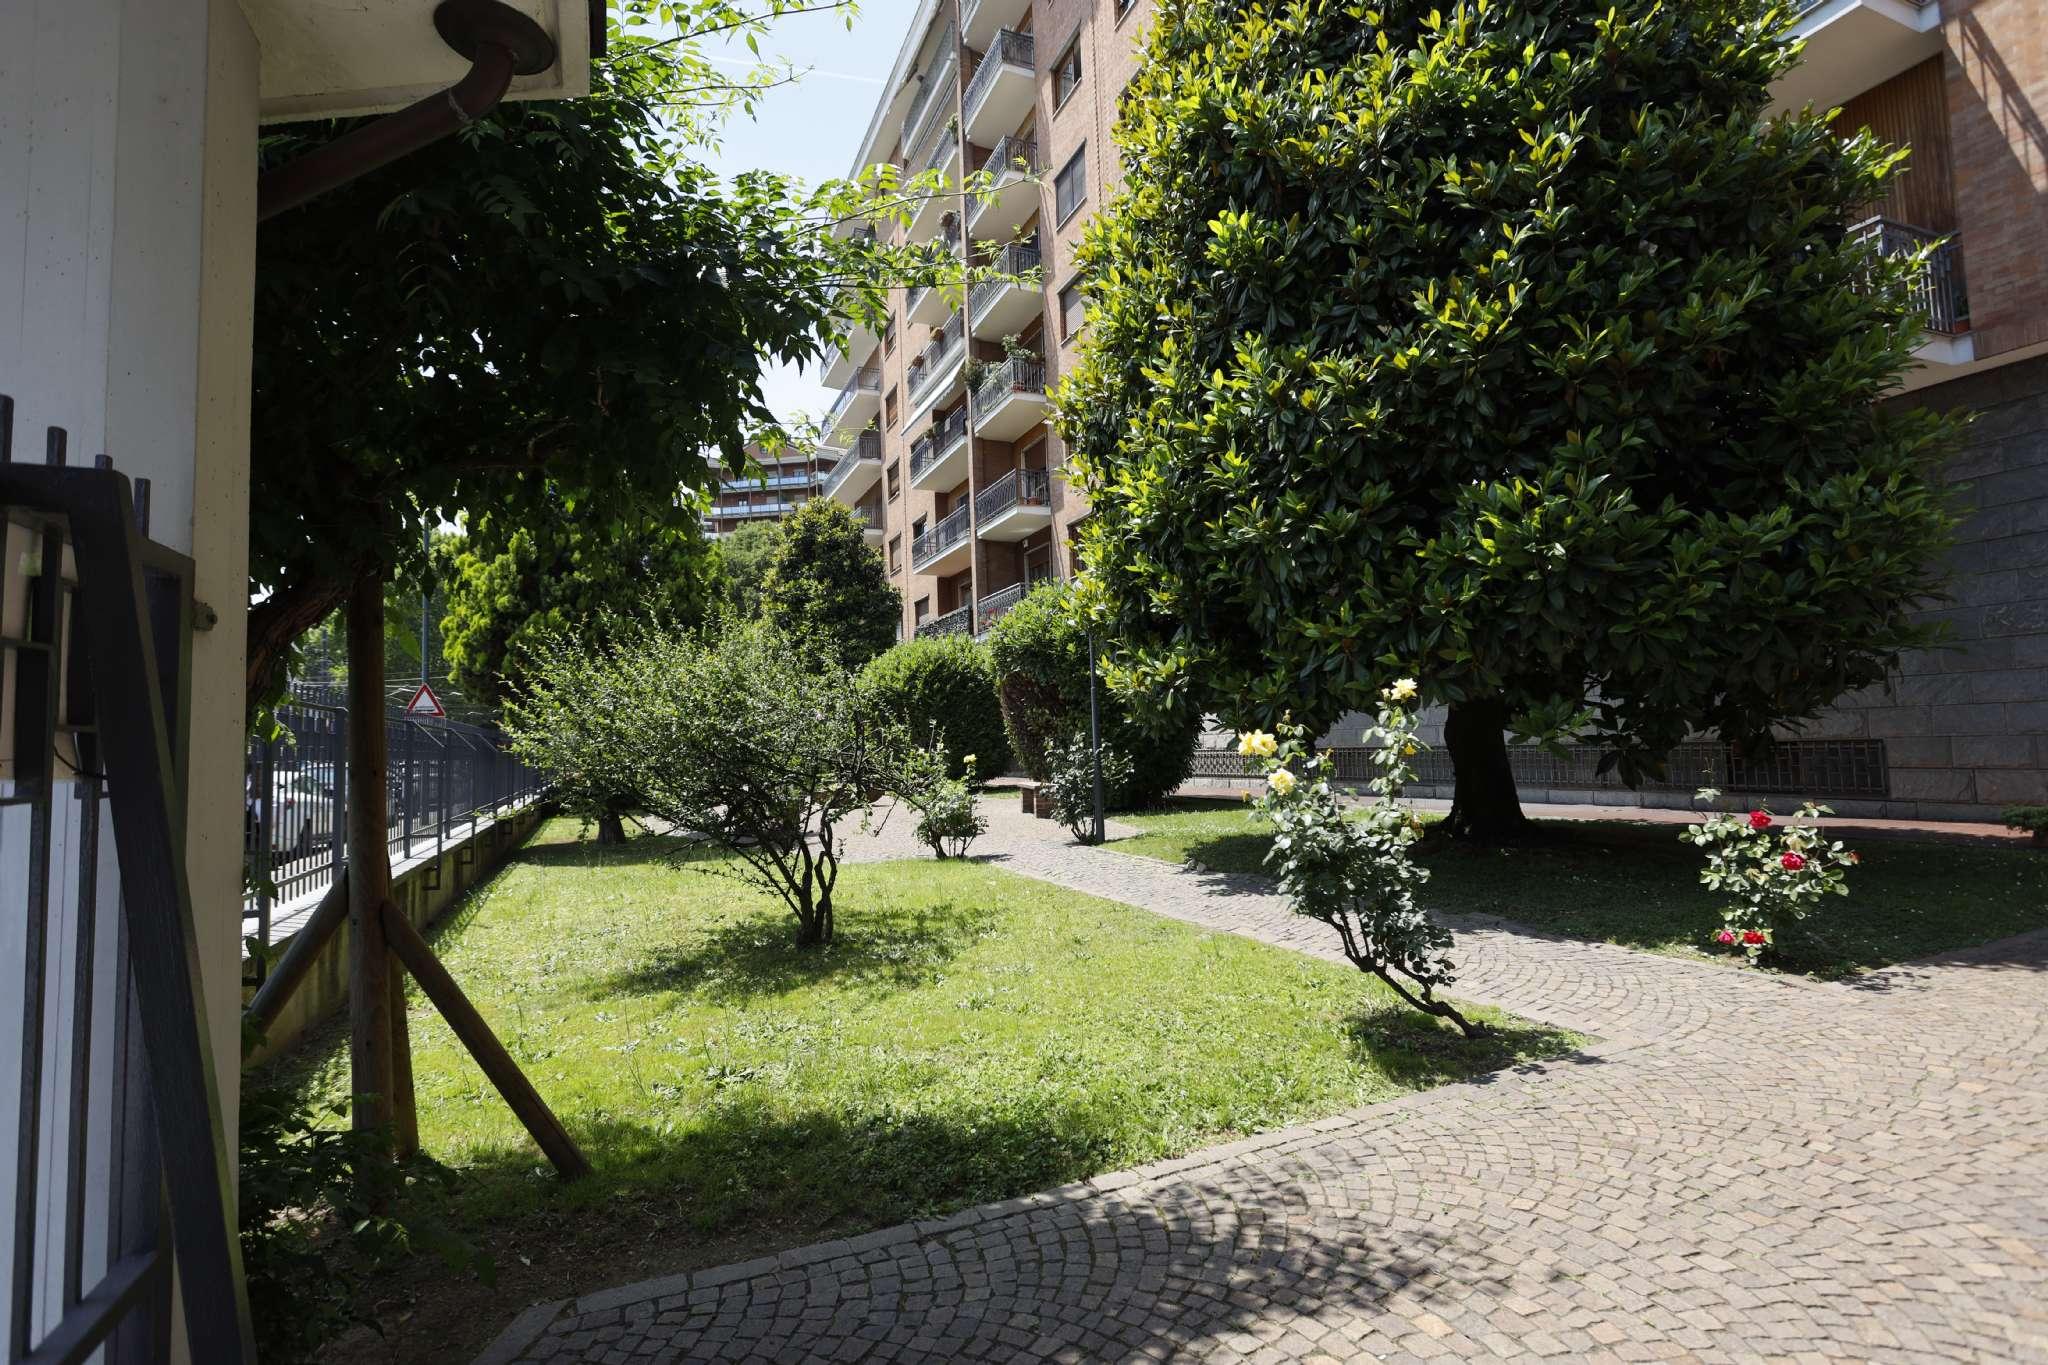 Foto 1 di Quadrilocale corso unione 322, Torino (zona Mirafiori)